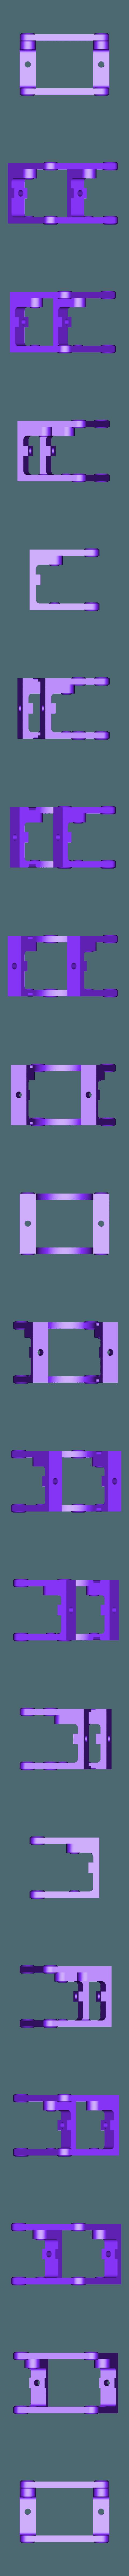 Chassis.stl Télécharger fichier STL gratuit Hélicoptère Pull, Push, Downhill Toy 2 • Design pour imprimante 3D, gzumwalt